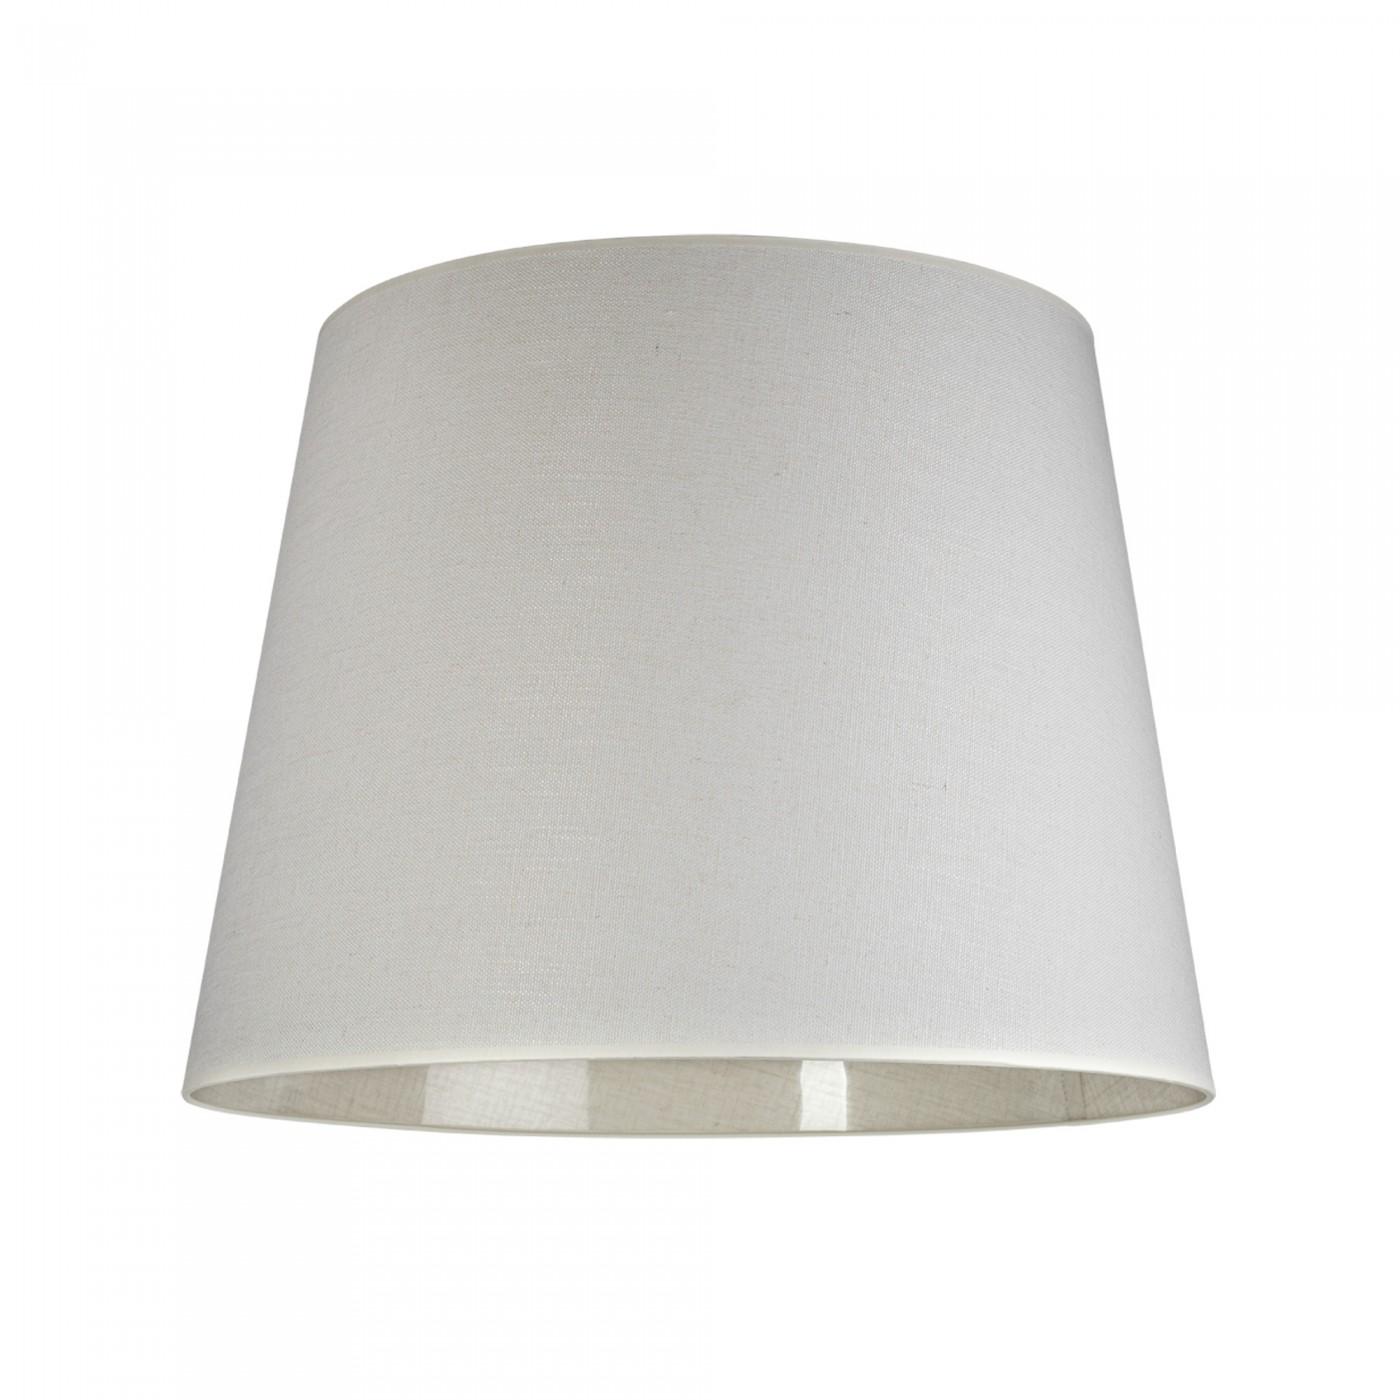 CAMELEON CONE L WH 8408 Nowodvorski Lighting